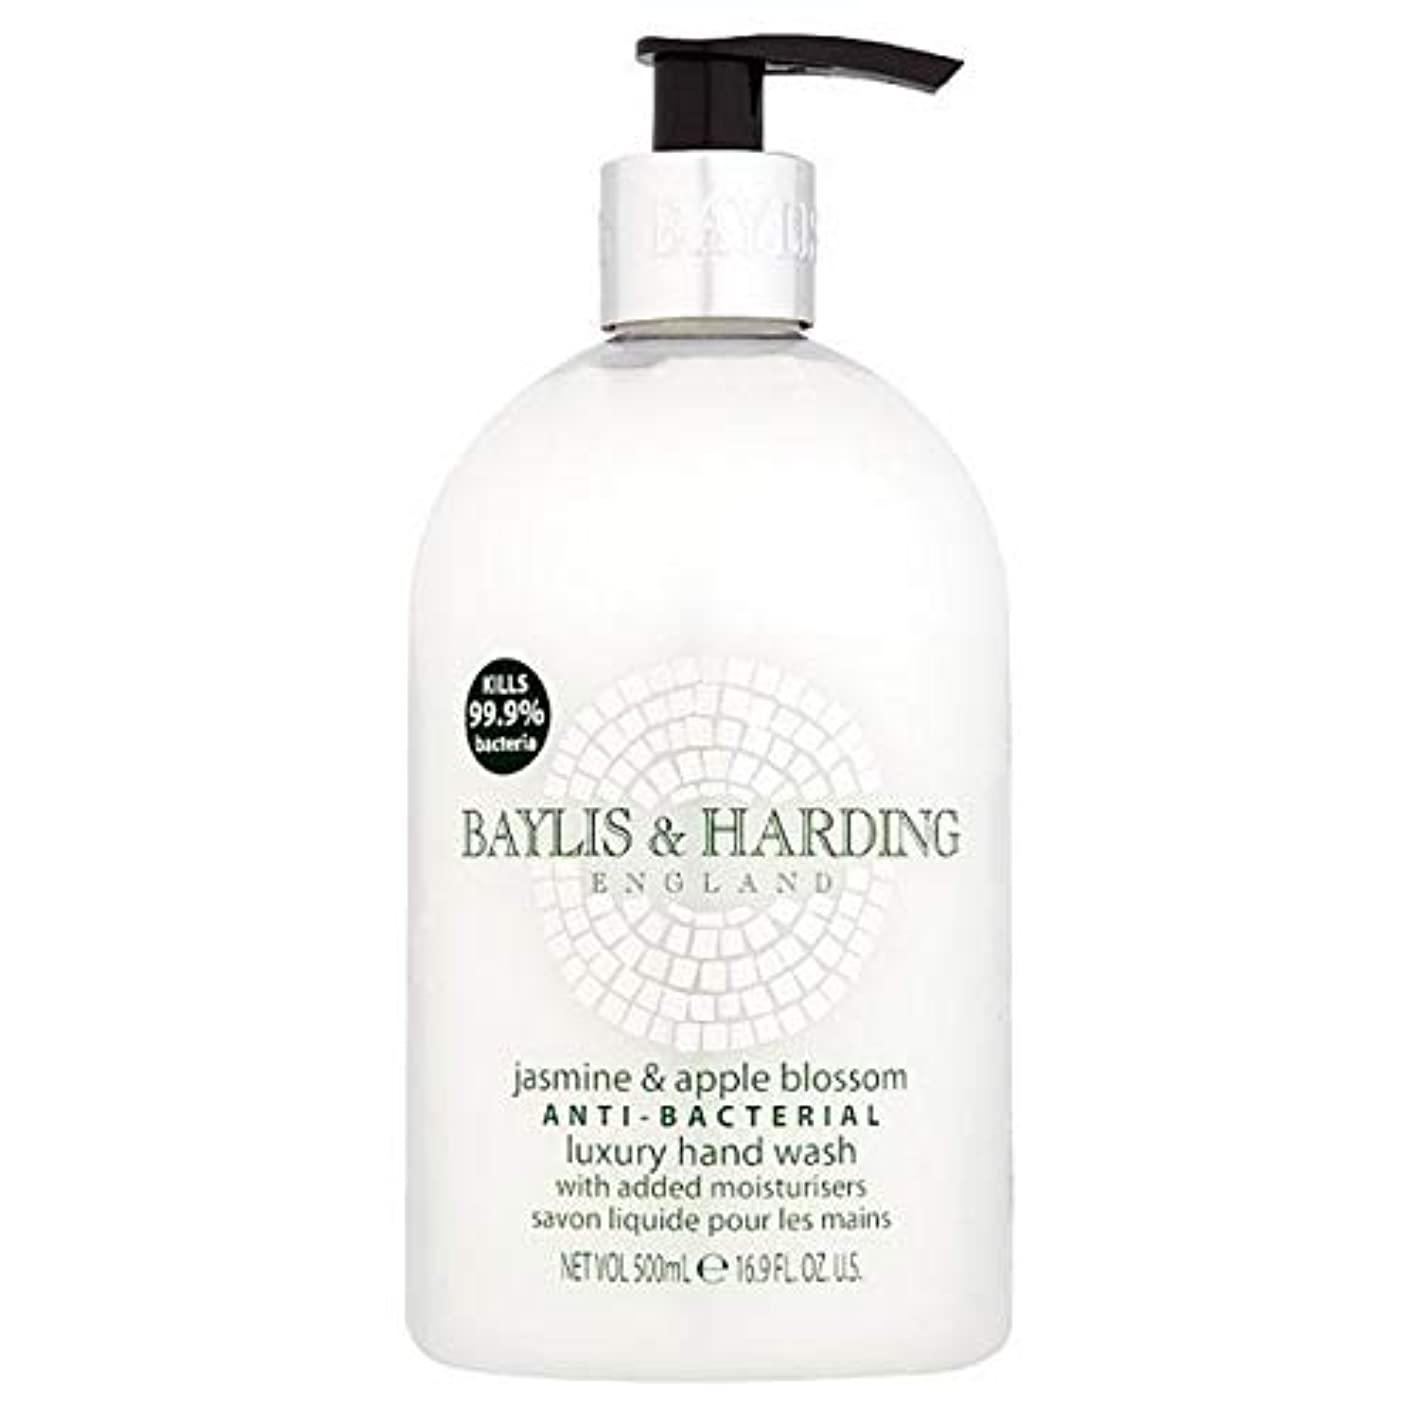 争うデマンドせせらぎ[Baylis & Harding ] ベイリス&ハーディング署名抗菌手洗い用500ミリリットル - Baylis & Harding Signature Antibacterial Hand Wash 500ml [並行輸入品]